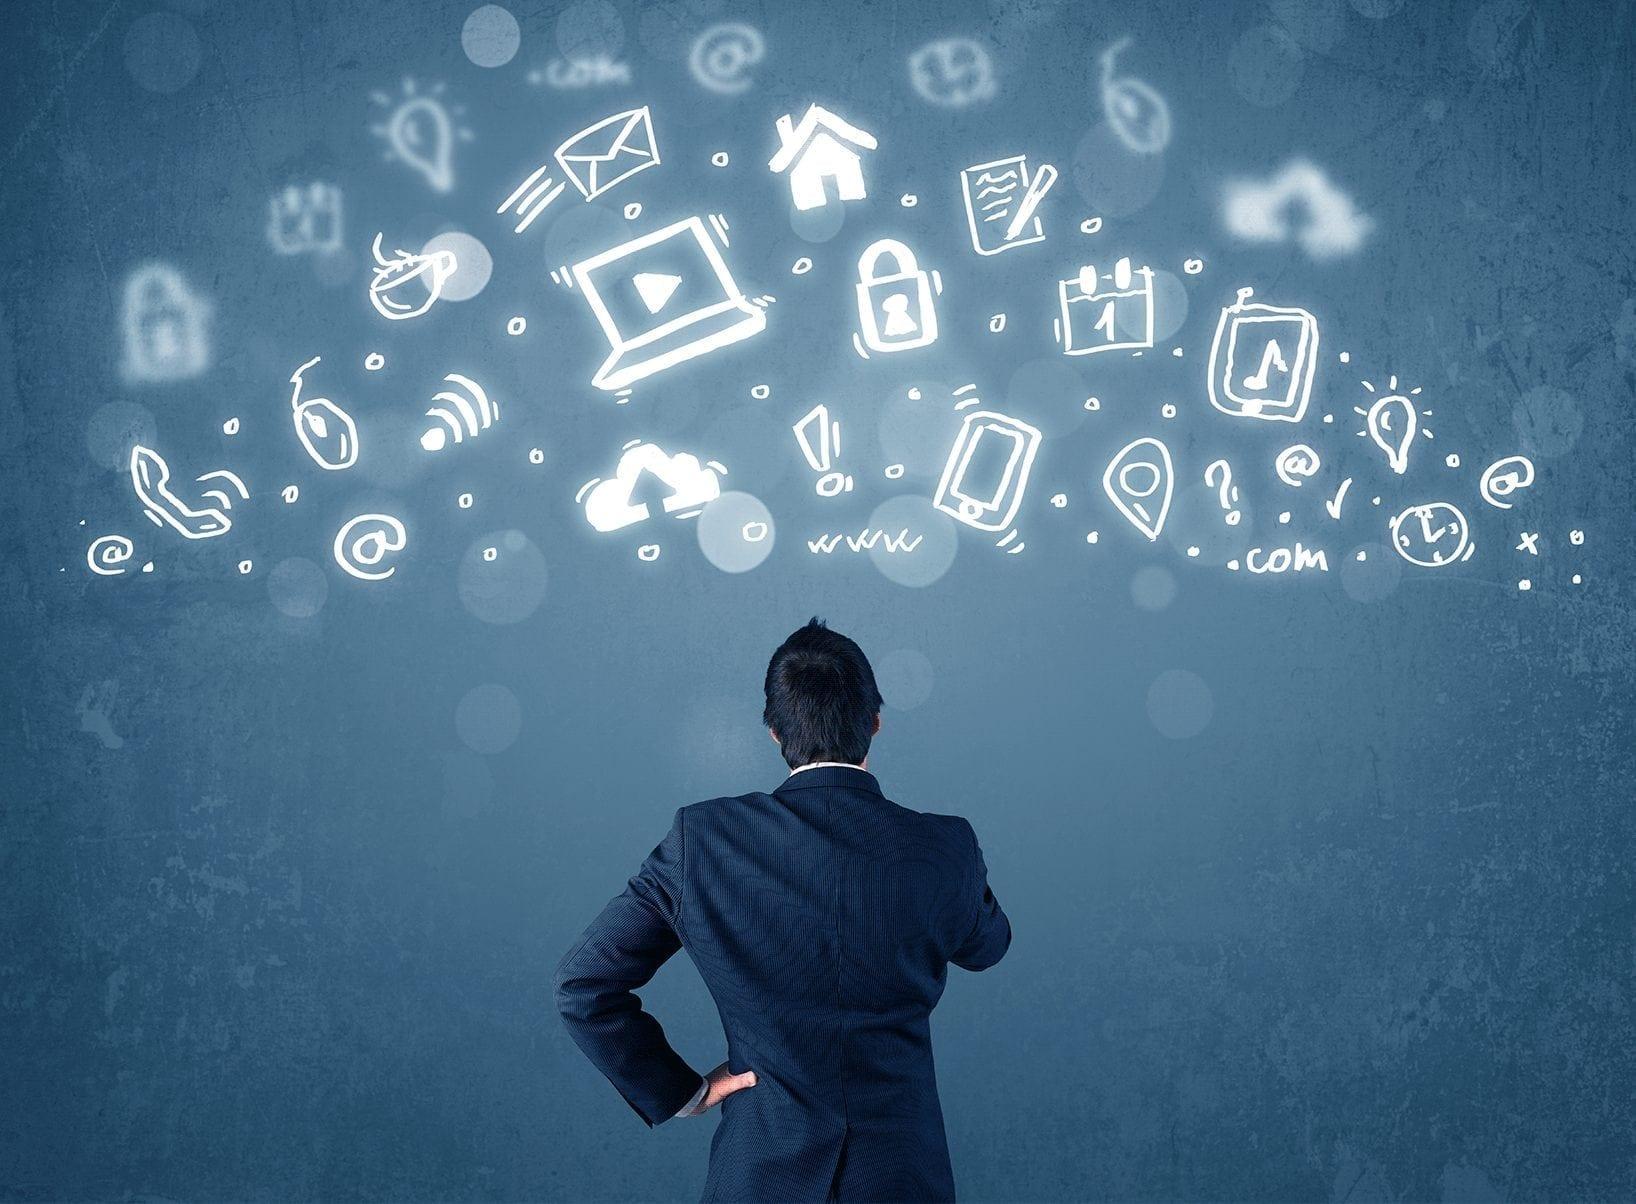 Descubra a importância do marketing digital para seu negócio físico D